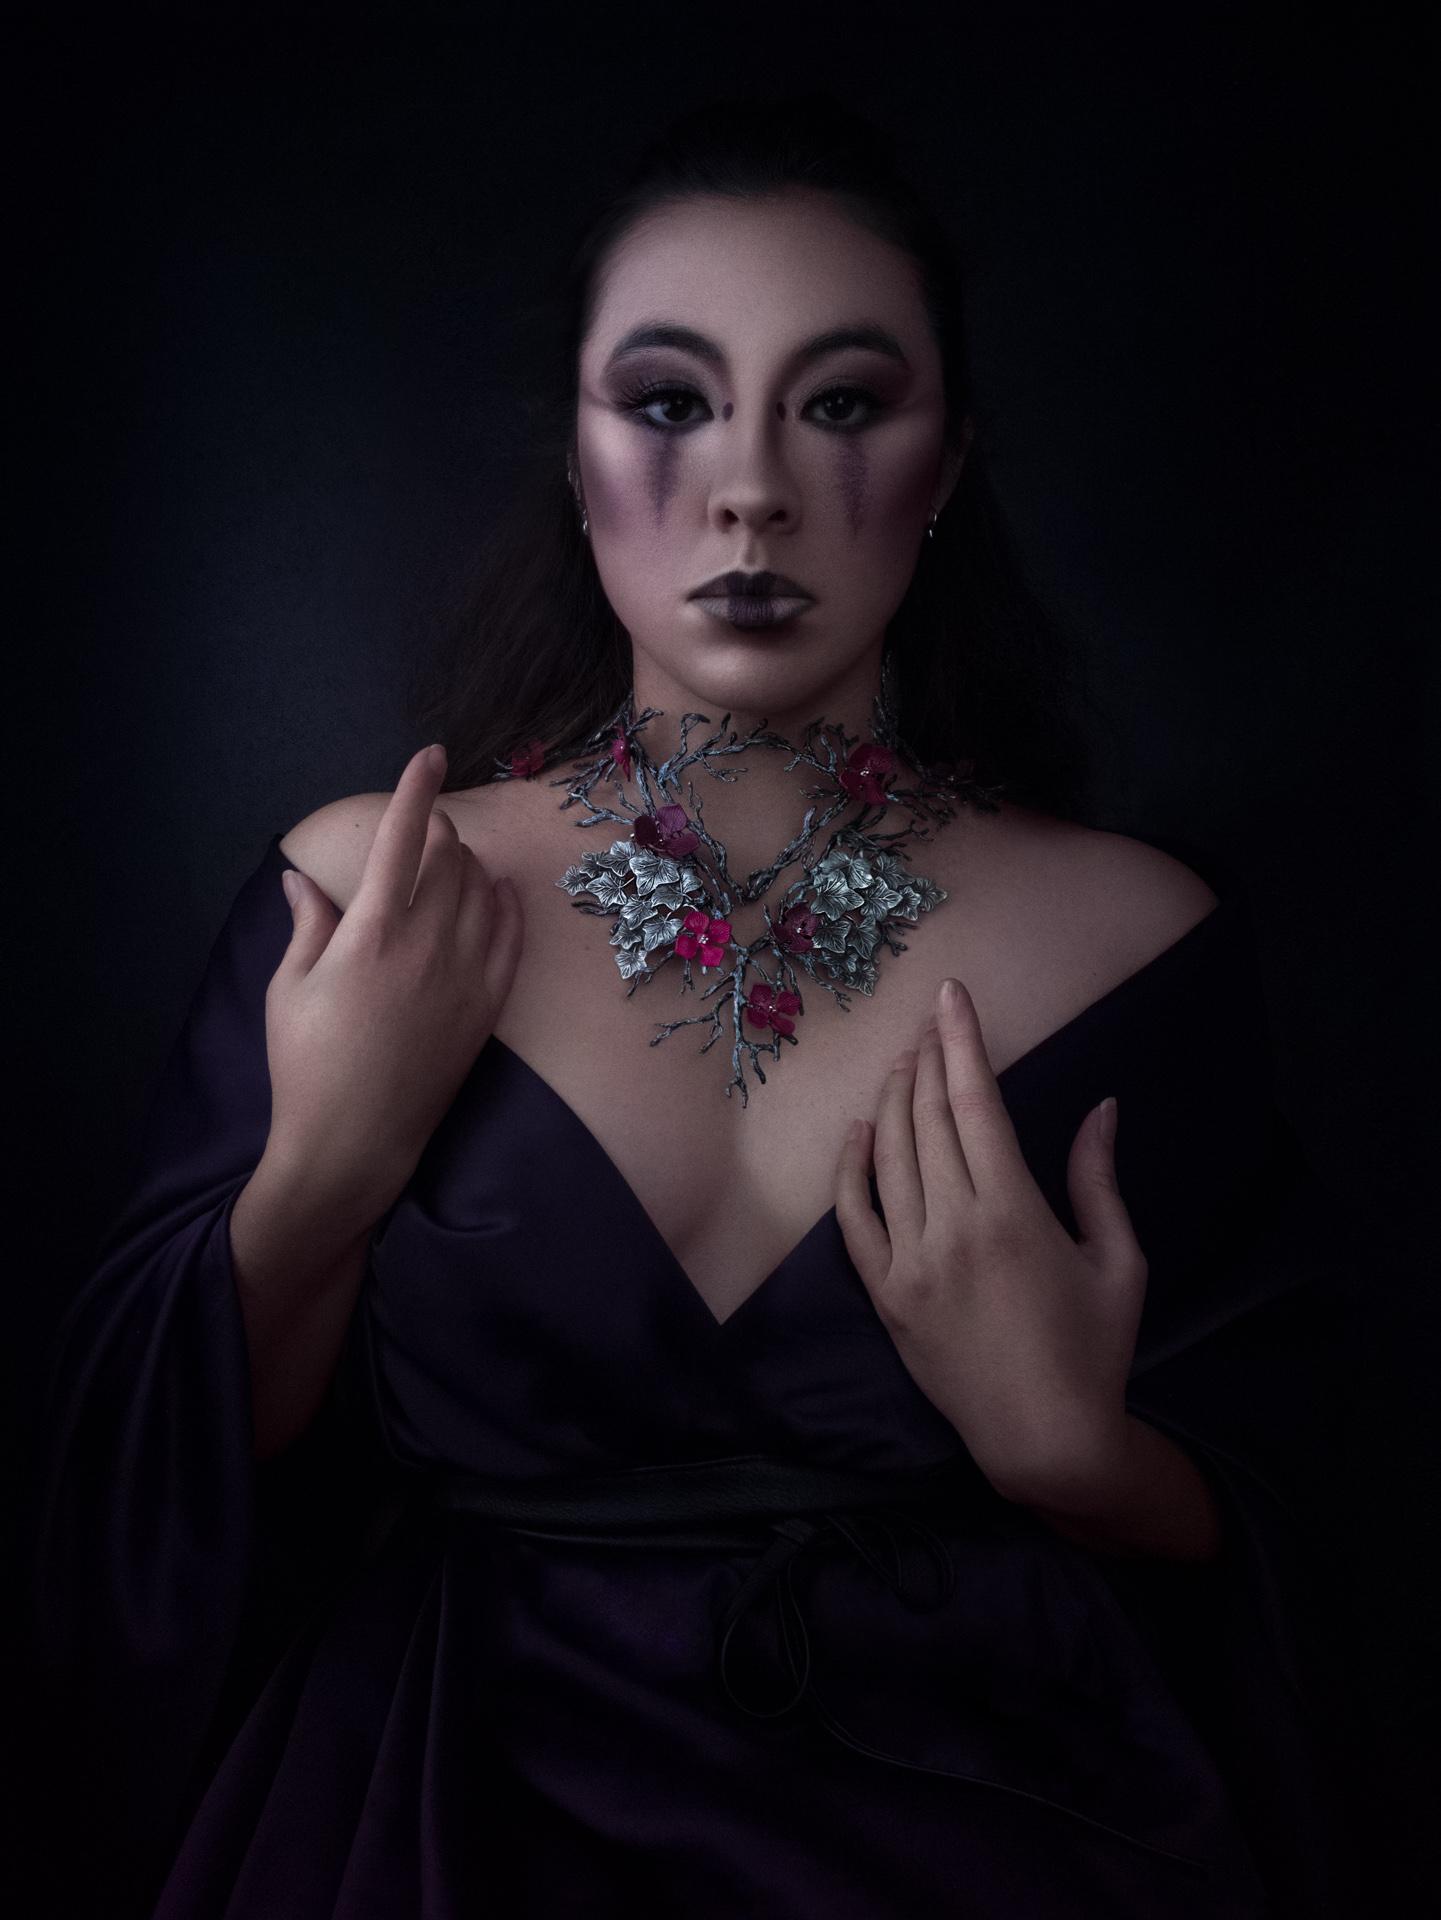 Triptyque : La geisha habillée de violet. Elle porte un magnifique collier de branches parsemé de fleurs rouges. Elle se tient face à nous, les mains posées dans une position biblique.